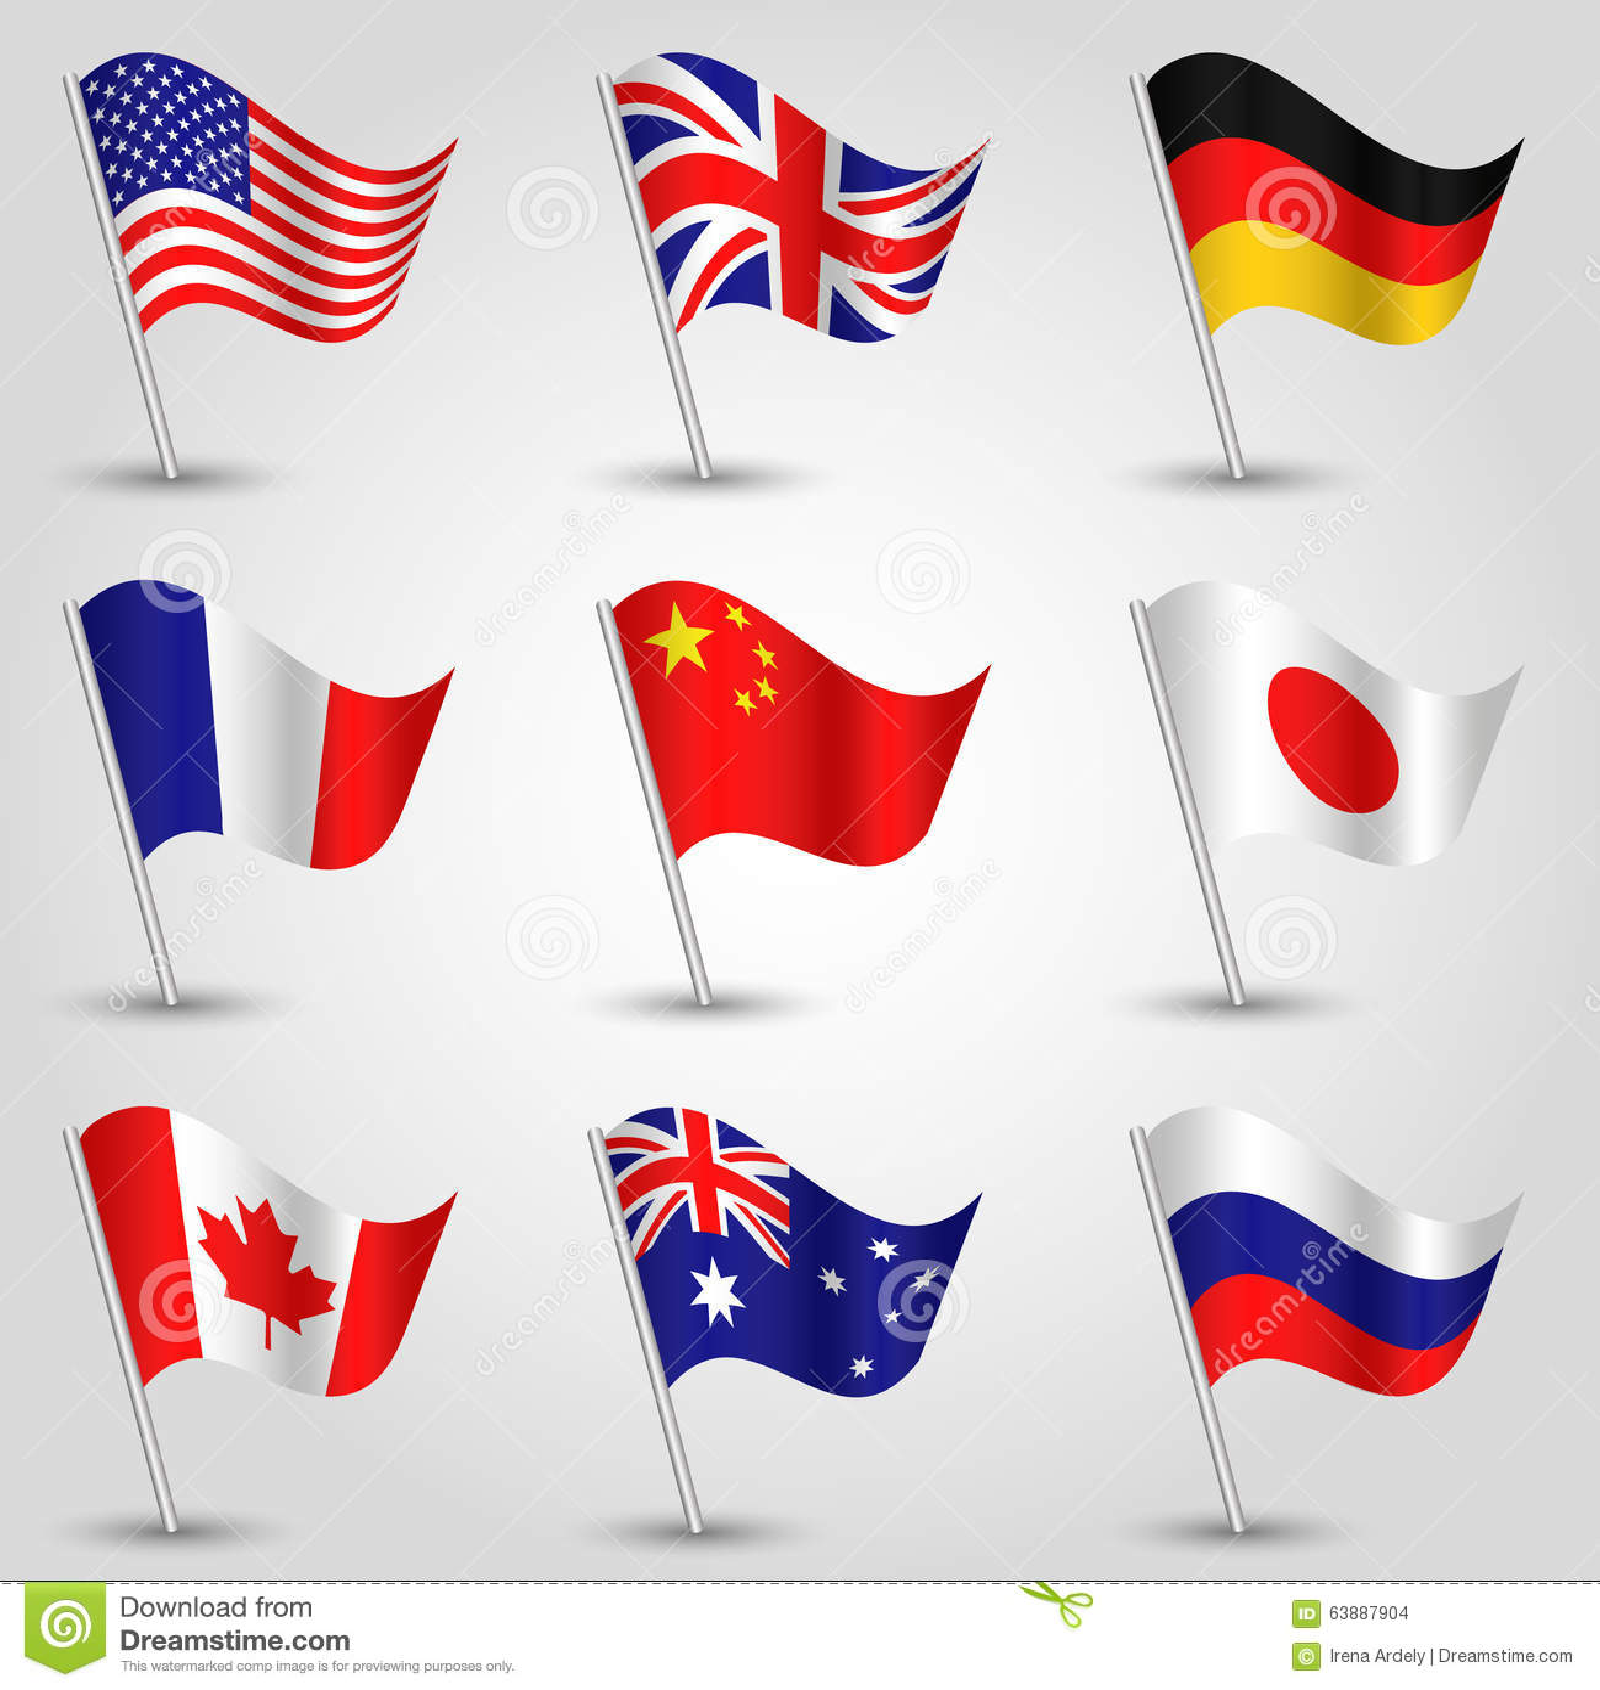 Ensemble de vecteur de drapeaux - américains, anglais, allemand, français, chinois, japonais, canadien, australien et russe